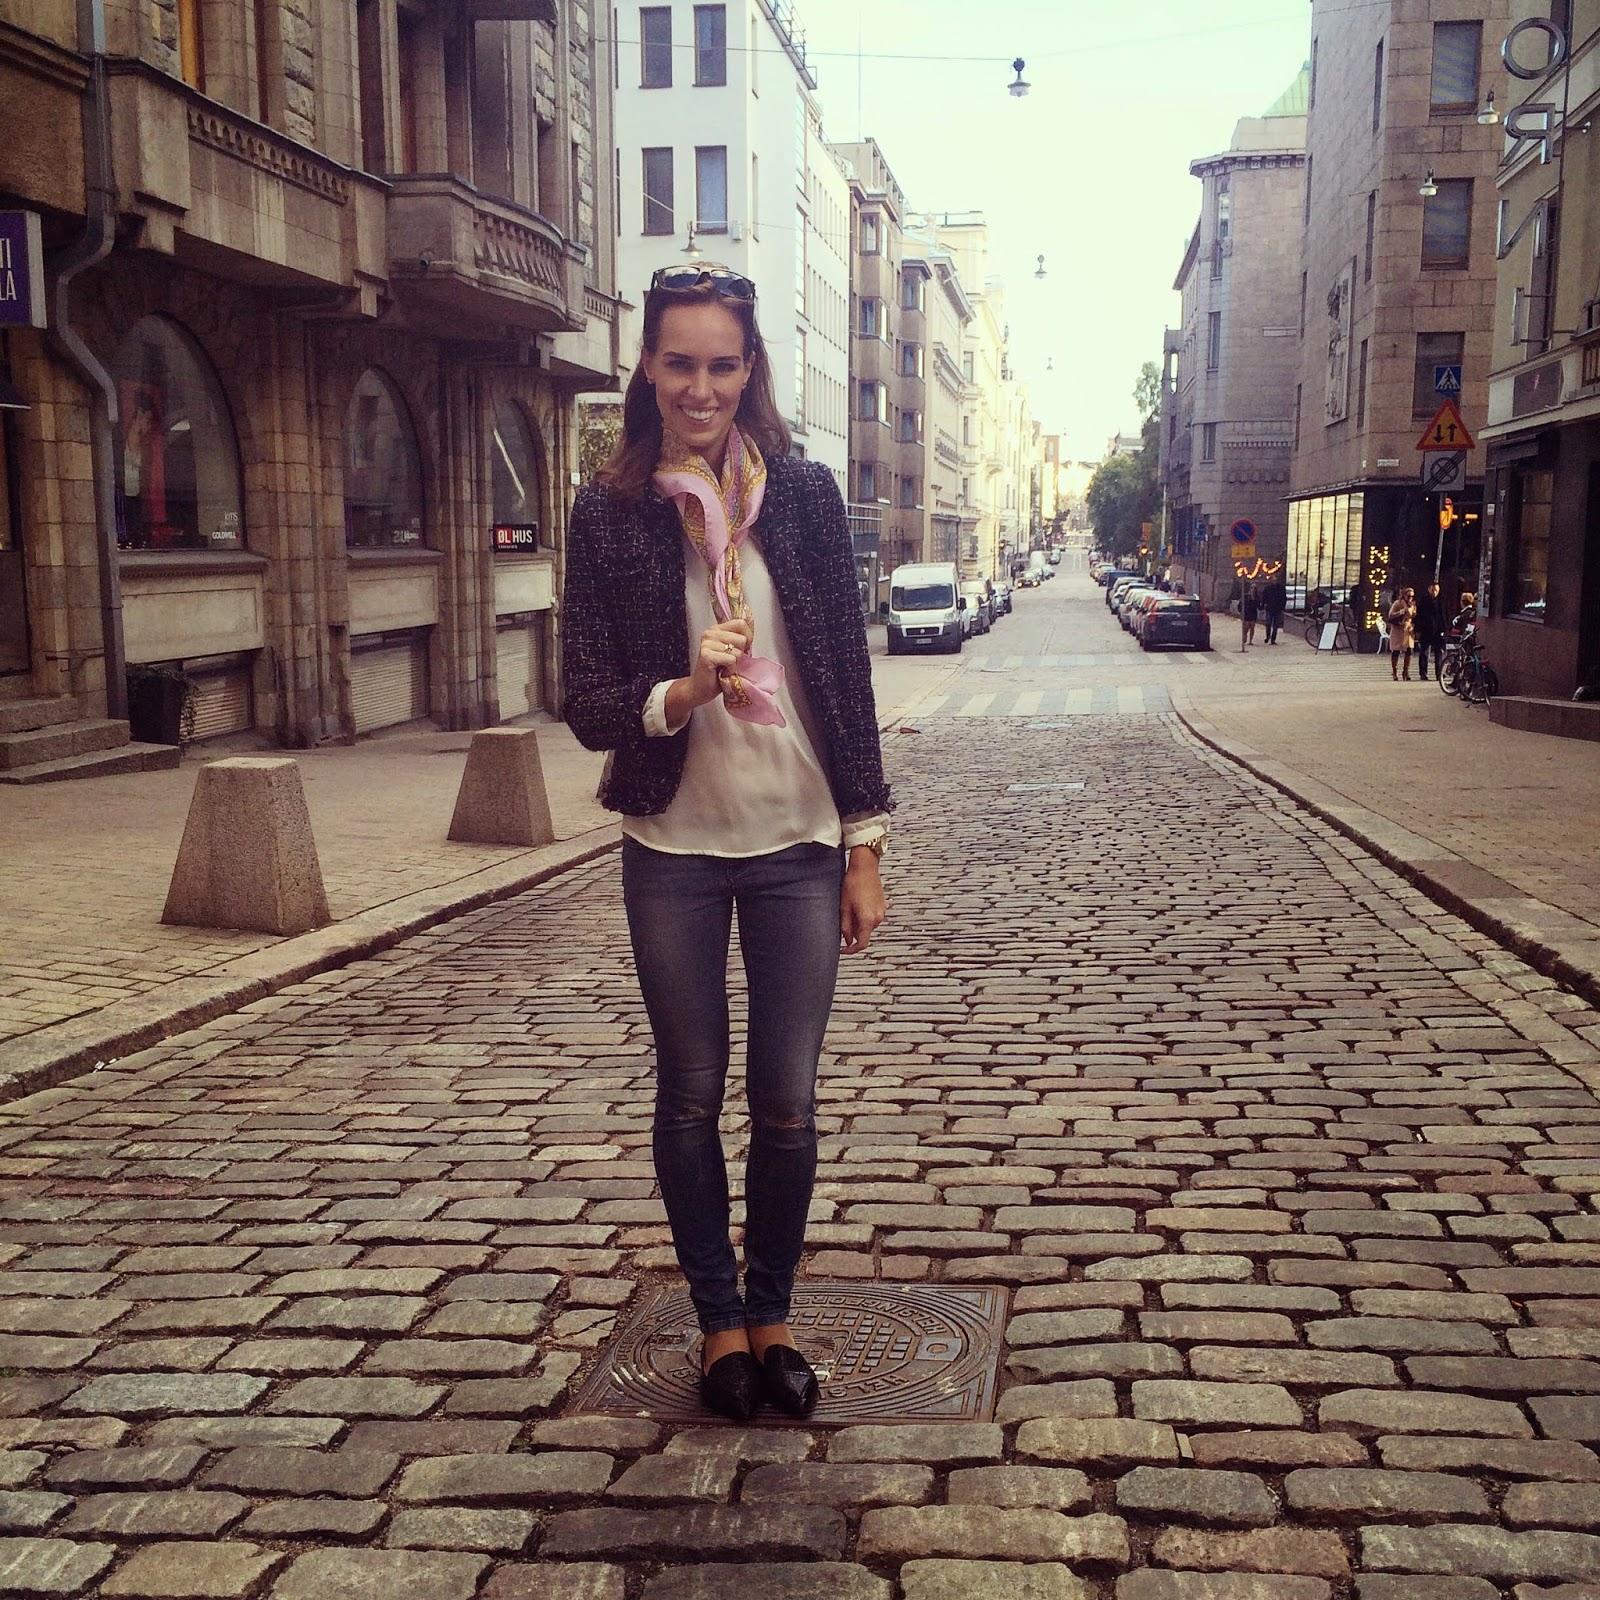 sheinside-tweed-jacket-zara-jeans-outfit-helsinki